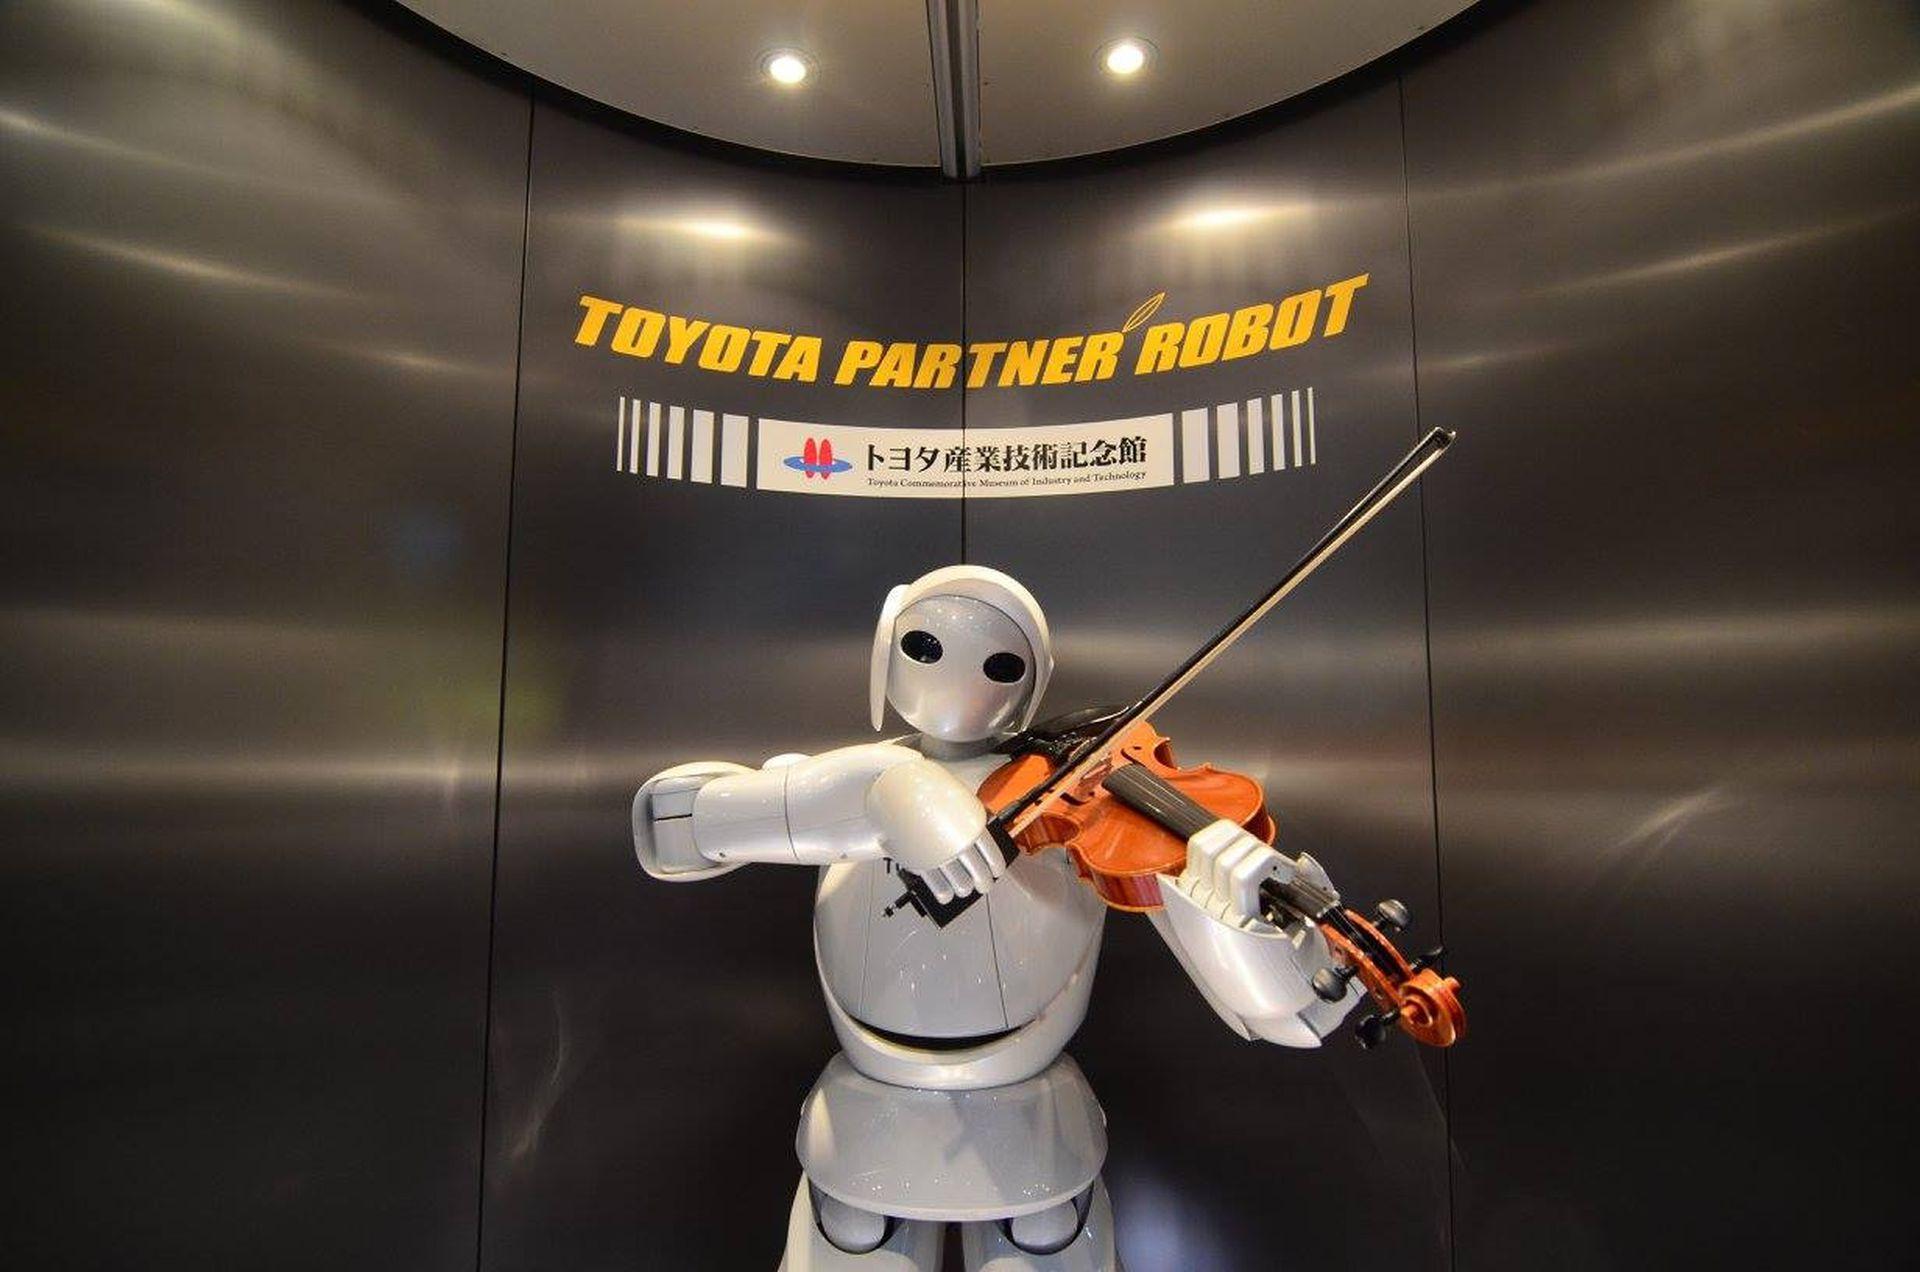 Los robots son capaces de interpretar piezas de música clásica a la perfección.